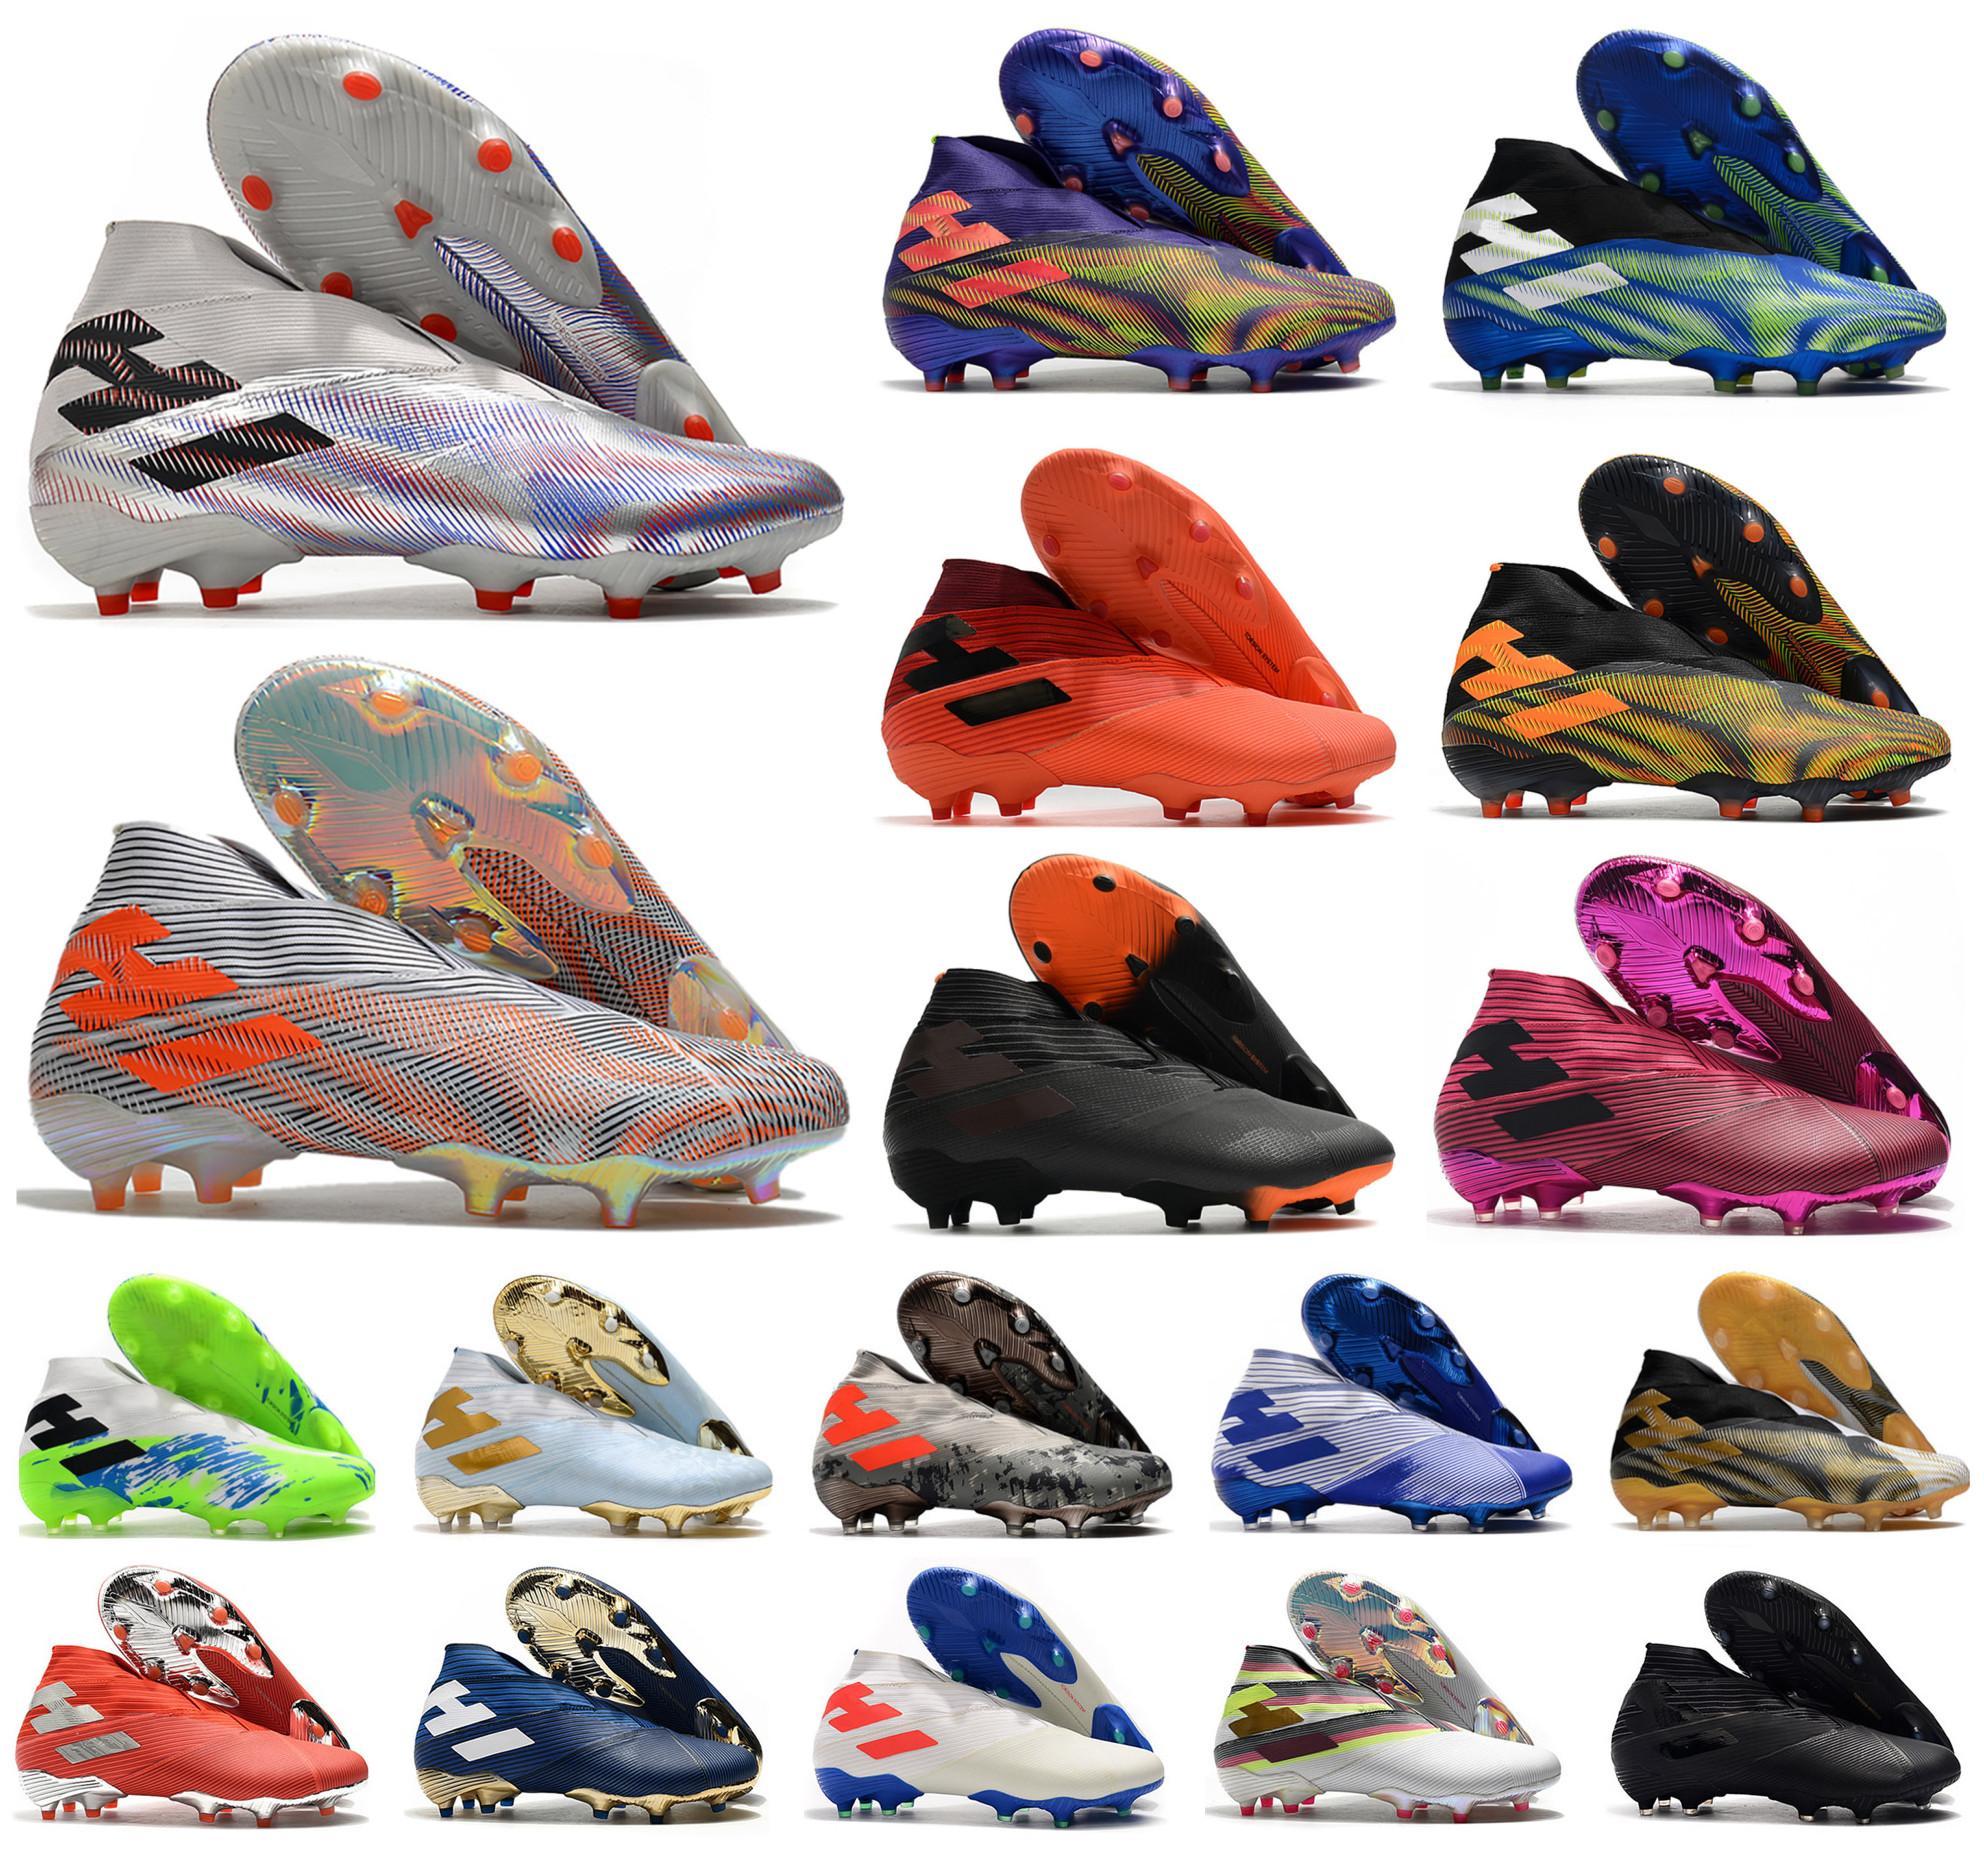 2021 Mens Nemezsiz Messi Rey Del Balon .1 19+ Laceless FG Futbol Ayakkabıları Futbol Superlicative Uniforia Paketi Superspektral + X Yüksek Ayak Bileği Çizmeler Cleats Boyutu US6.5-11